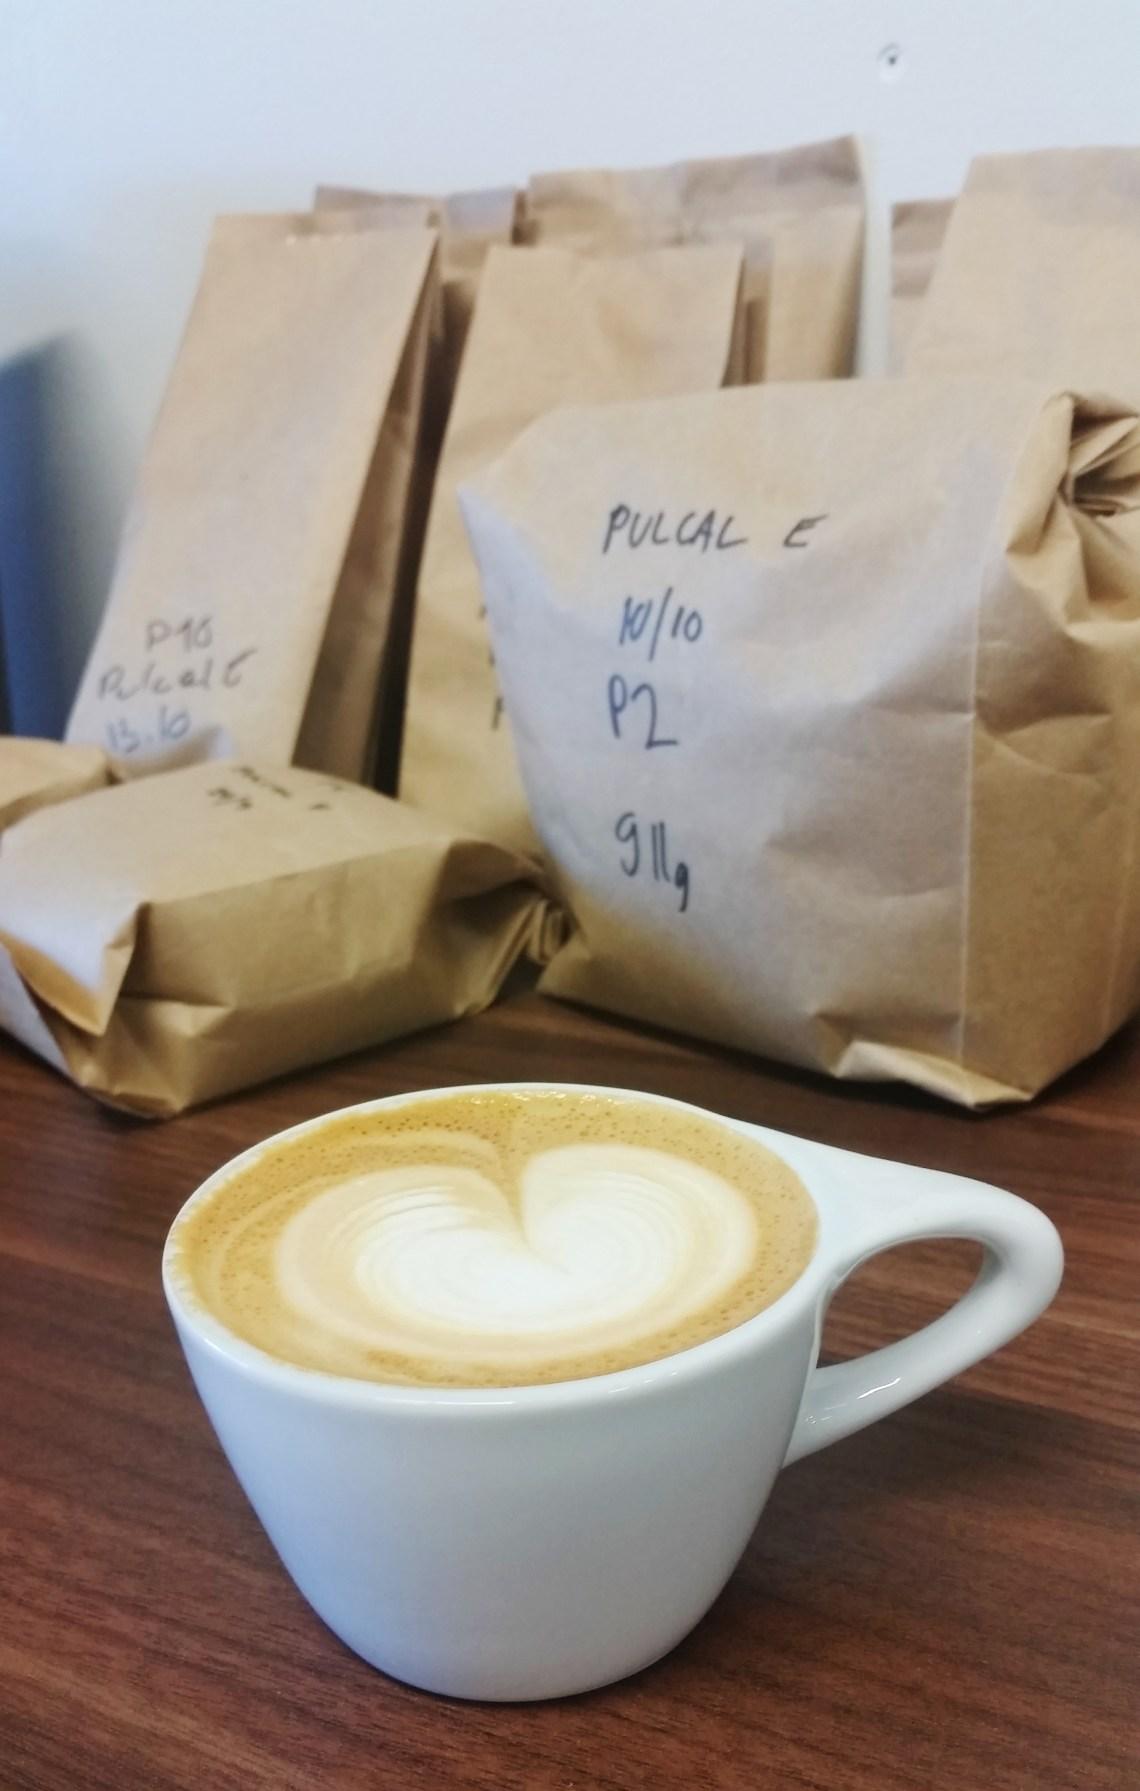 Vastapaahdettu Good Life Coffeen oma cappucino, mmmm...